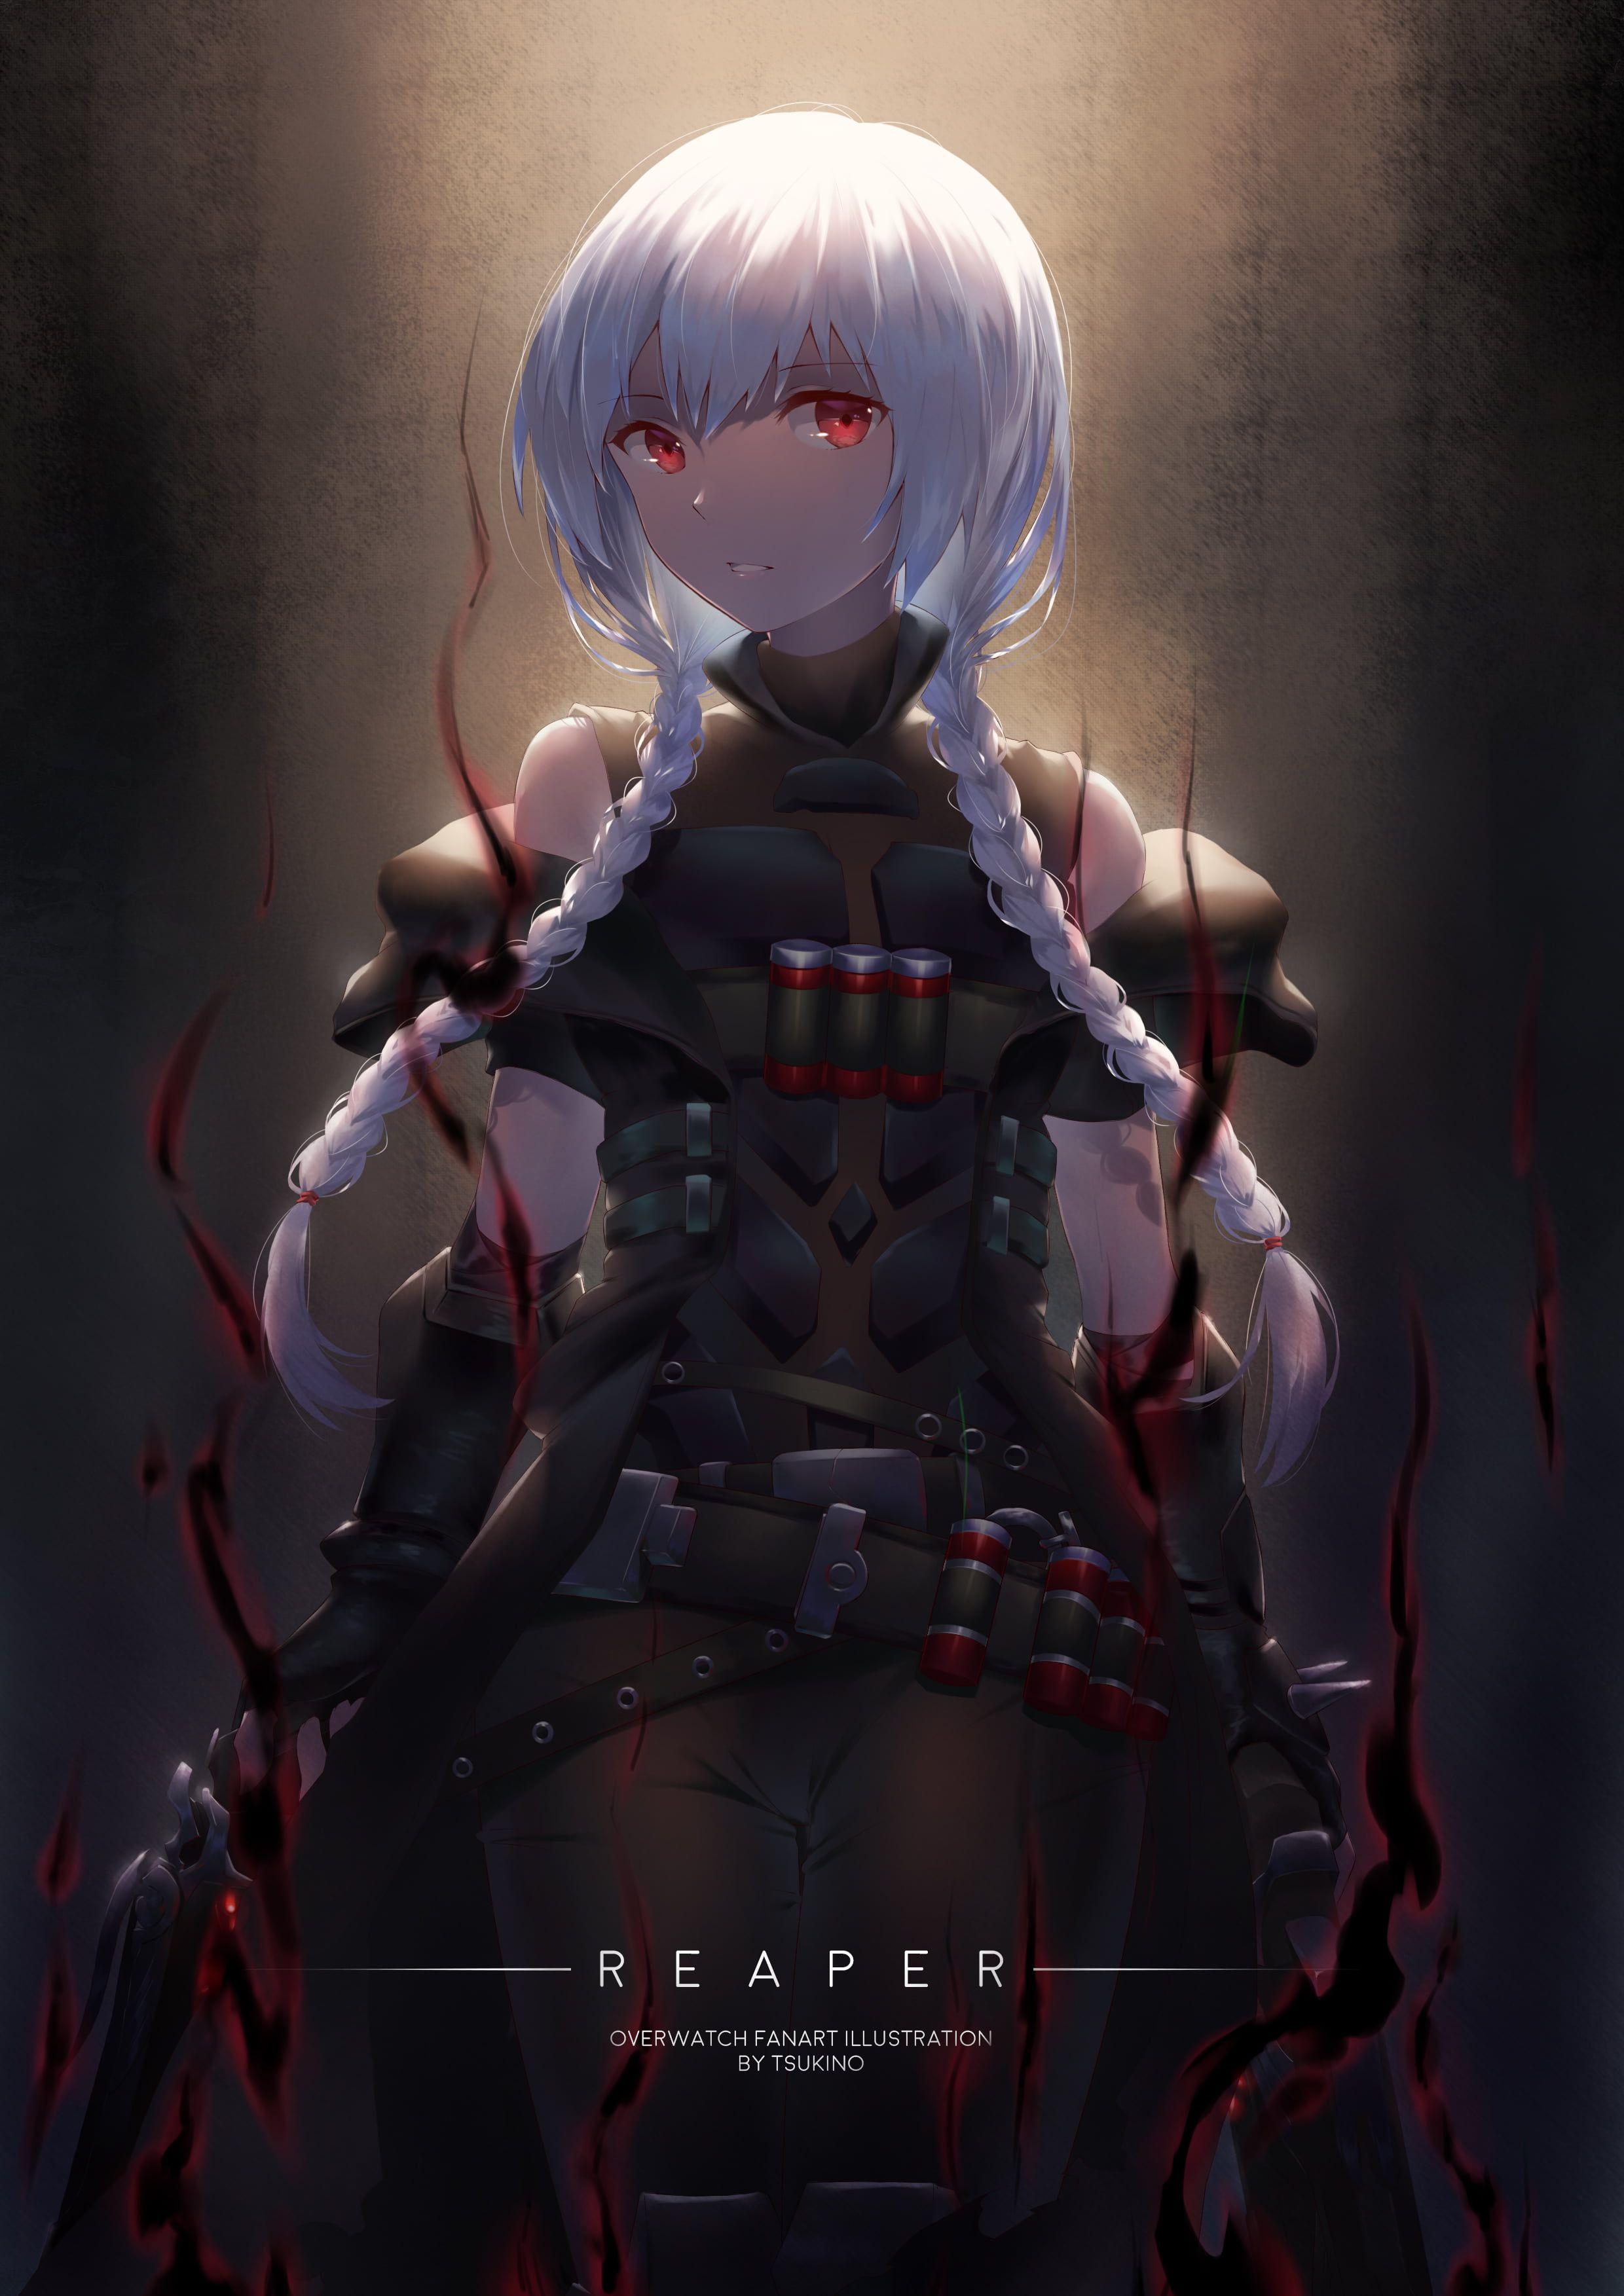 white haired female anime character artwork digital art women ...